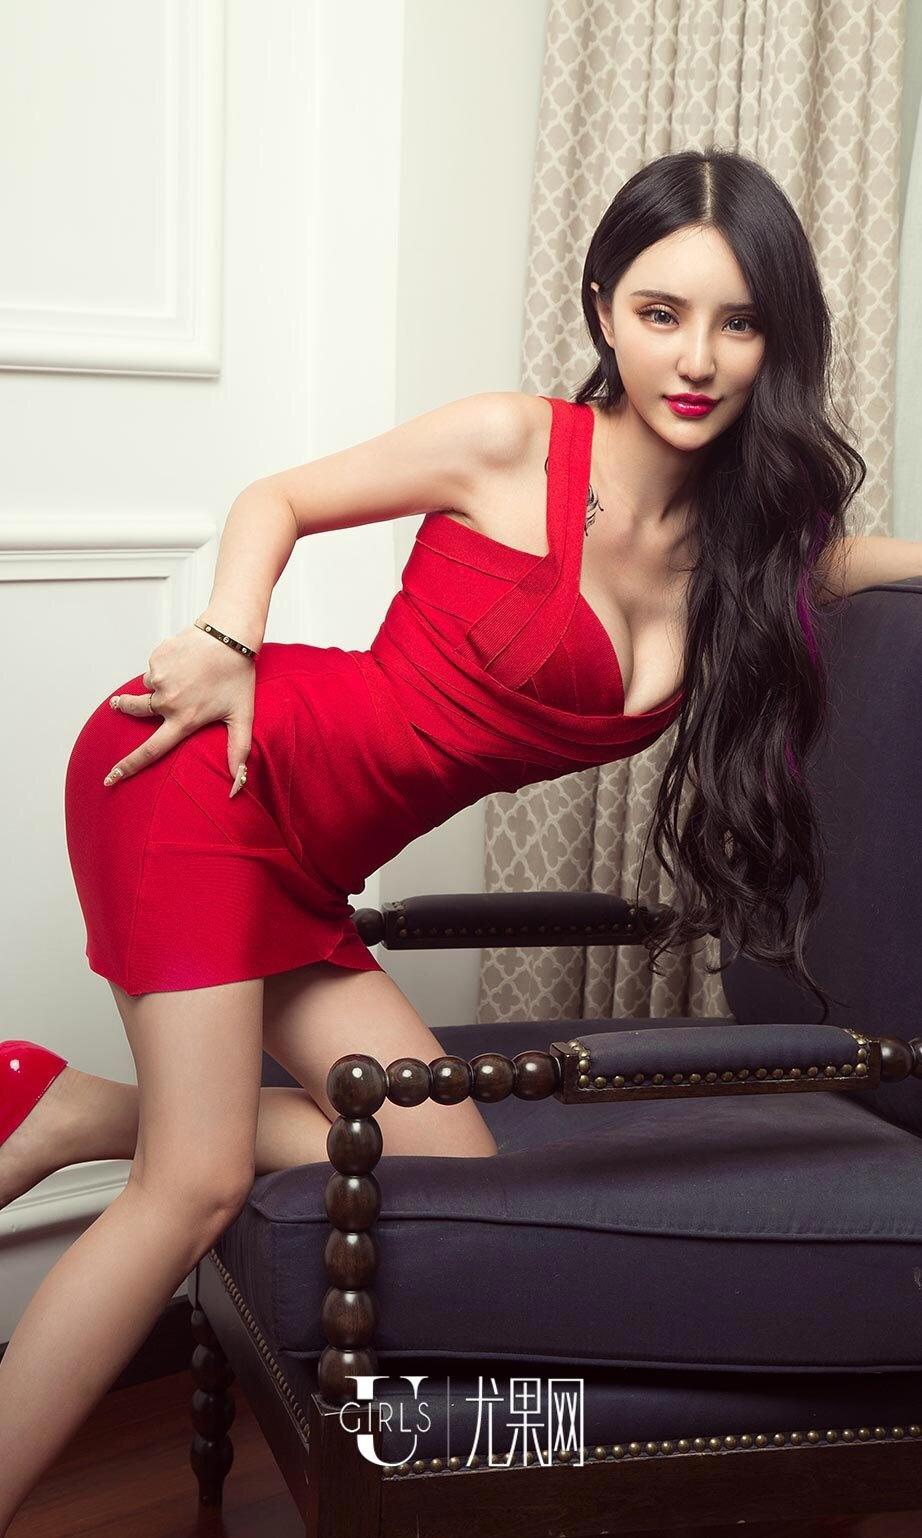 妖娆美女陈雅漫Vicky美胸内衣性感人体写真